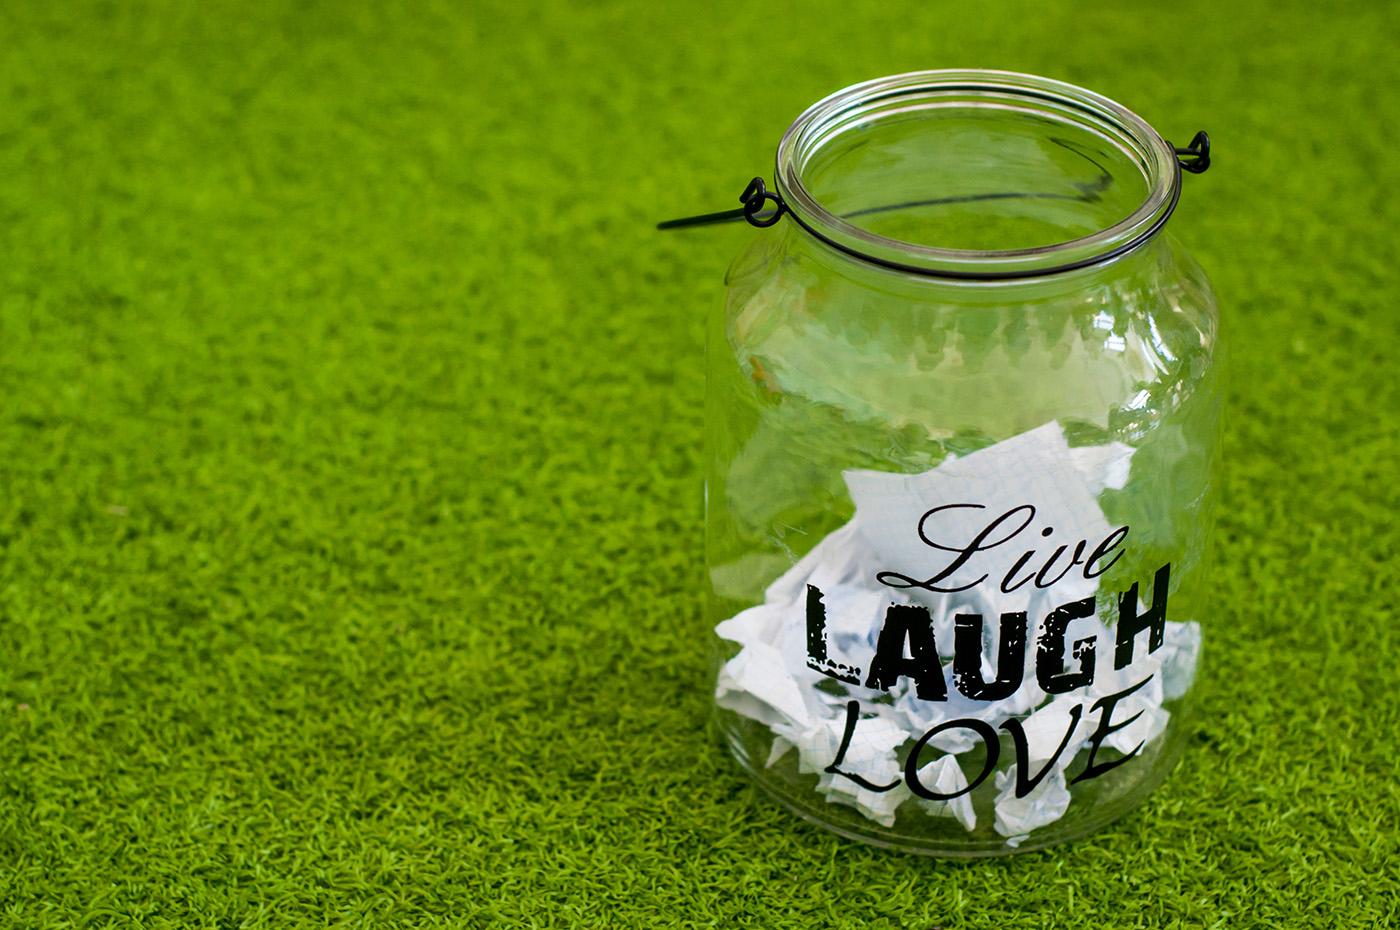 live laugh love message